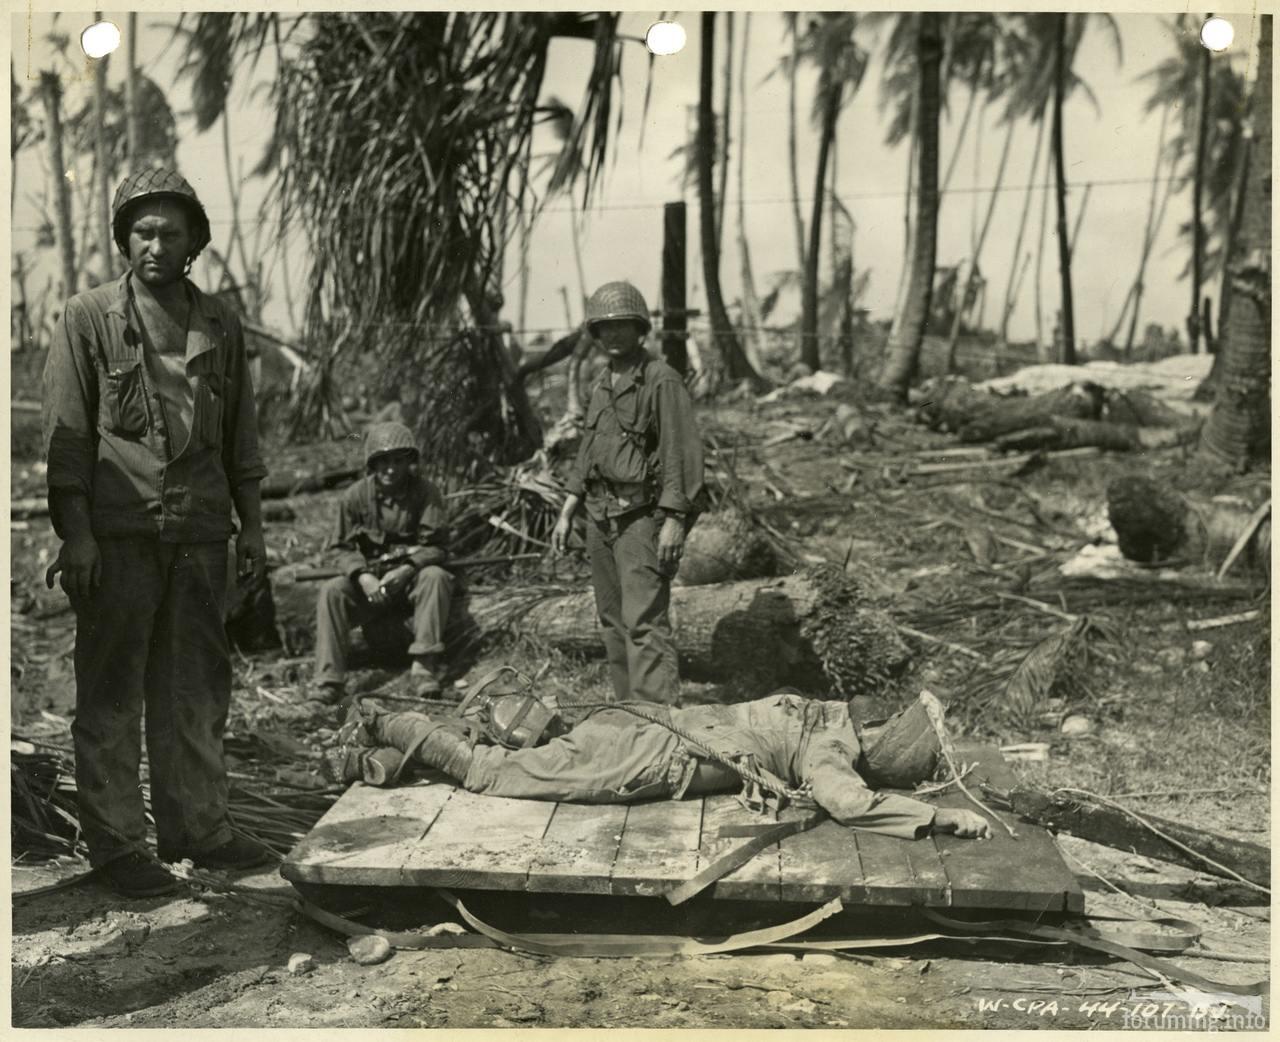 138212 - Военное фото 1941-1945 г.г. Тихий океан.